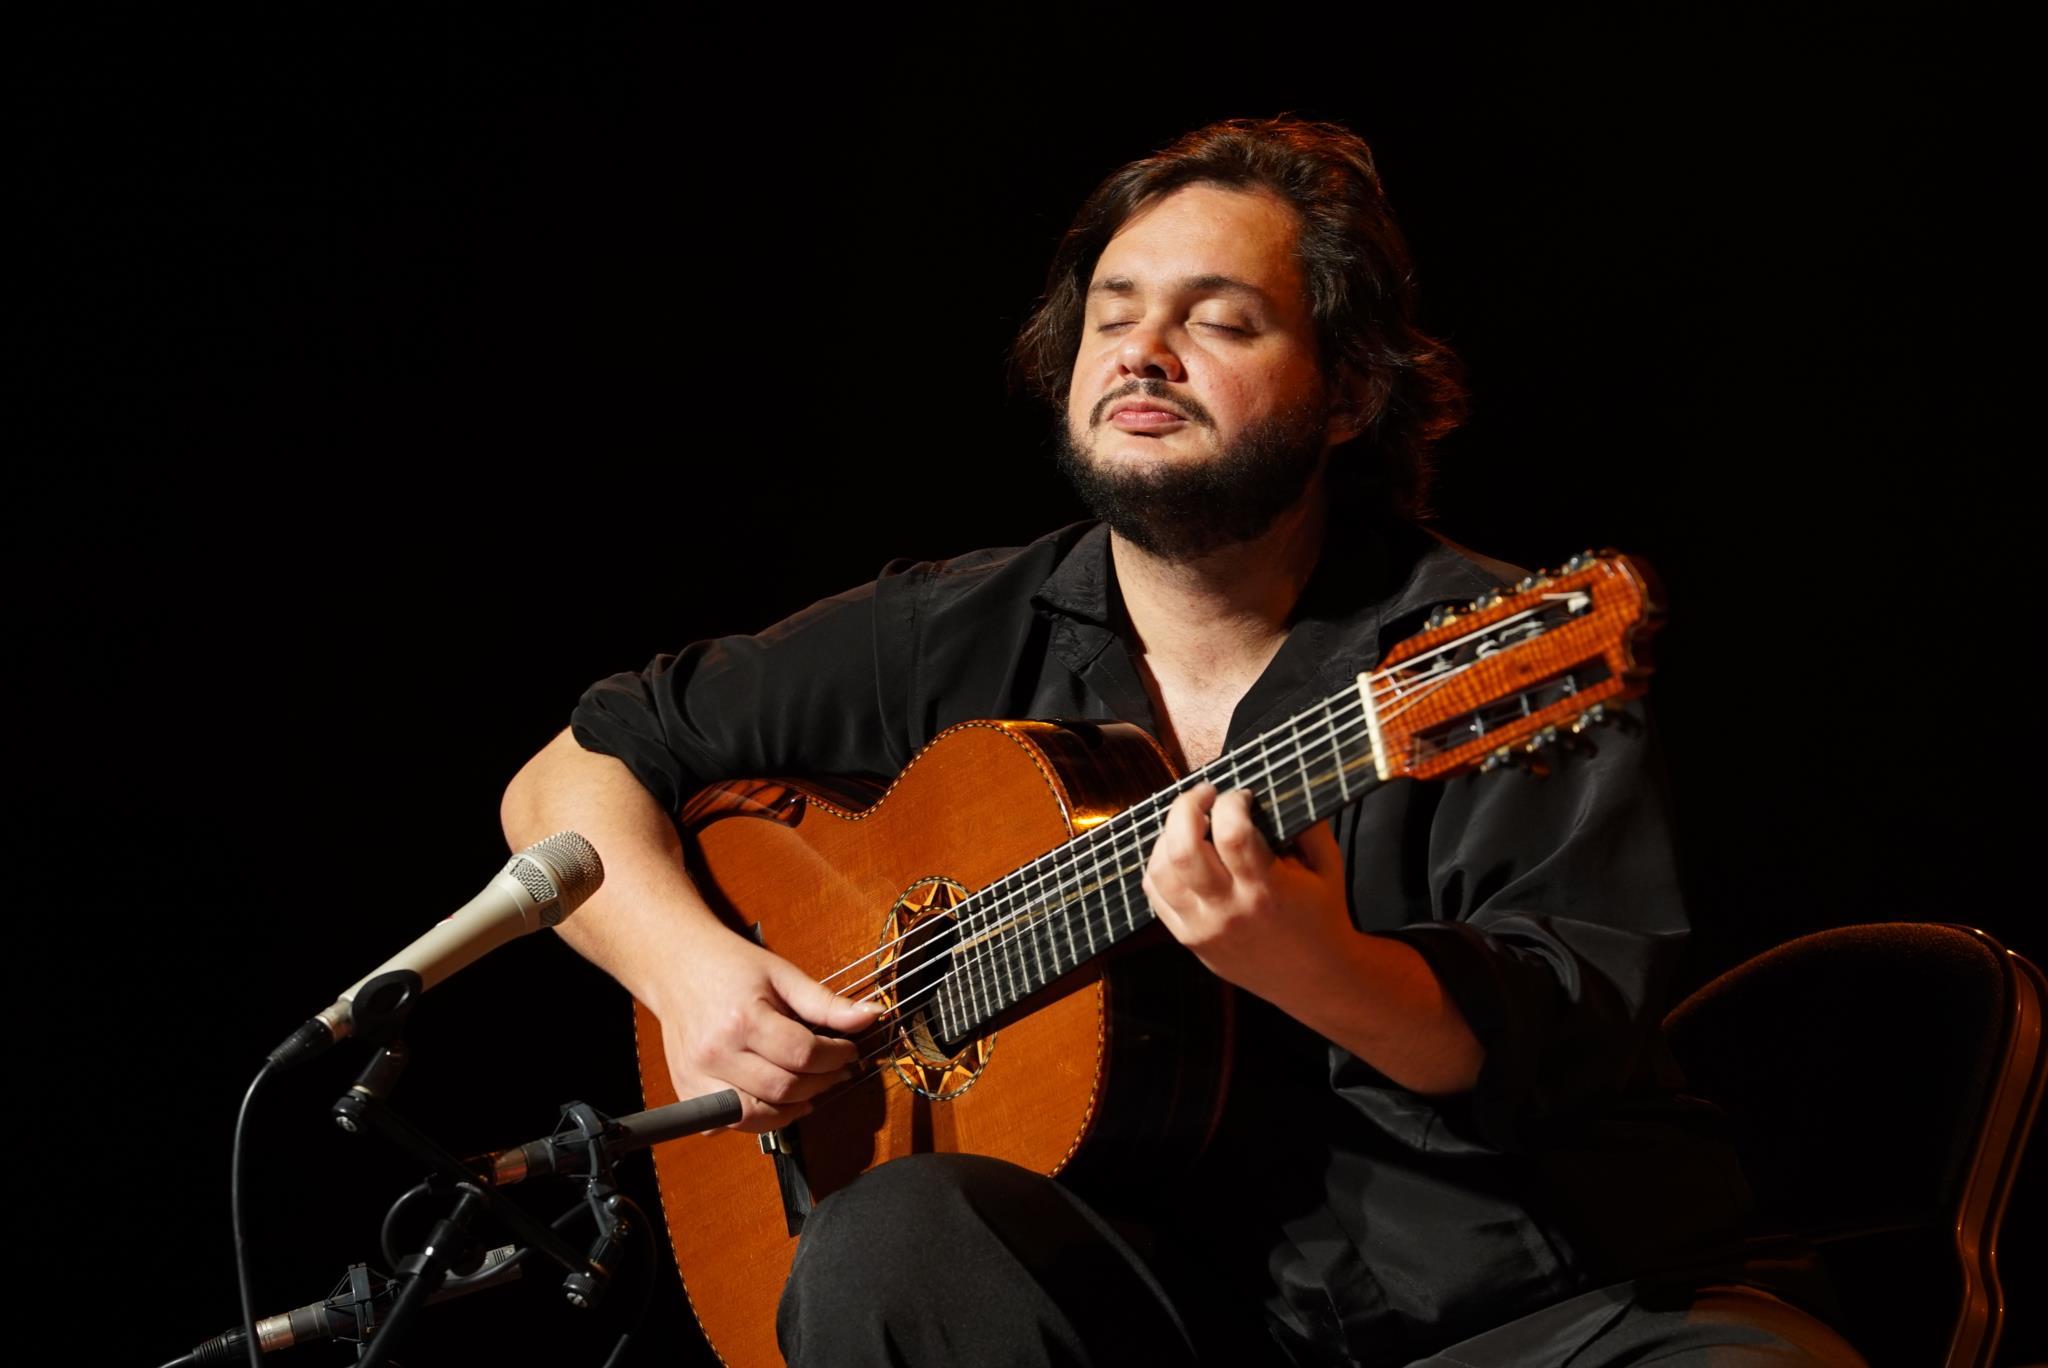 PÚBLICO - Yamandu Costa, a bênção do violão que dança e ri